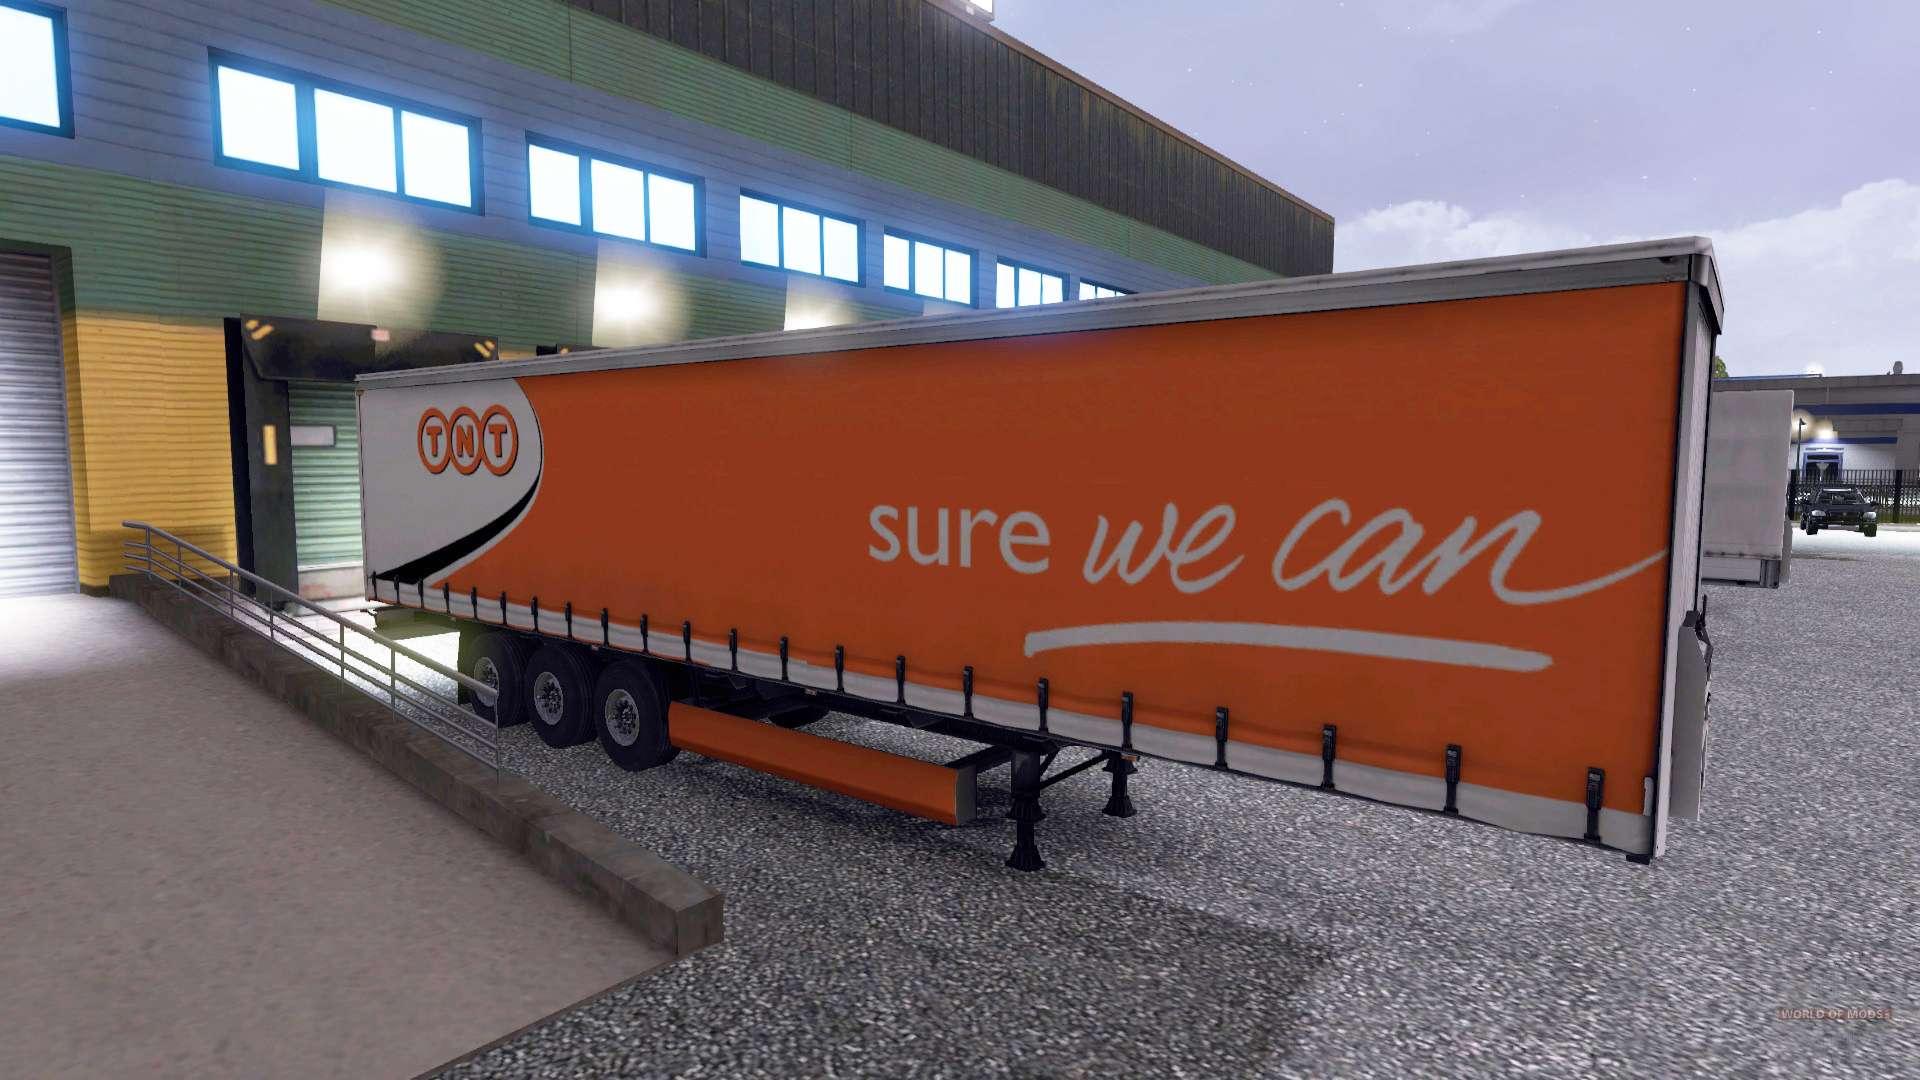 Фактически, игра Euro Truck Simulator 2 от SCS Software не имеет мультиплеера, т.е.Вы не можете играть онлайн в игре.Однако, огромное сообщество фанатов и моддеров игры посчитало, что это не справедливо.